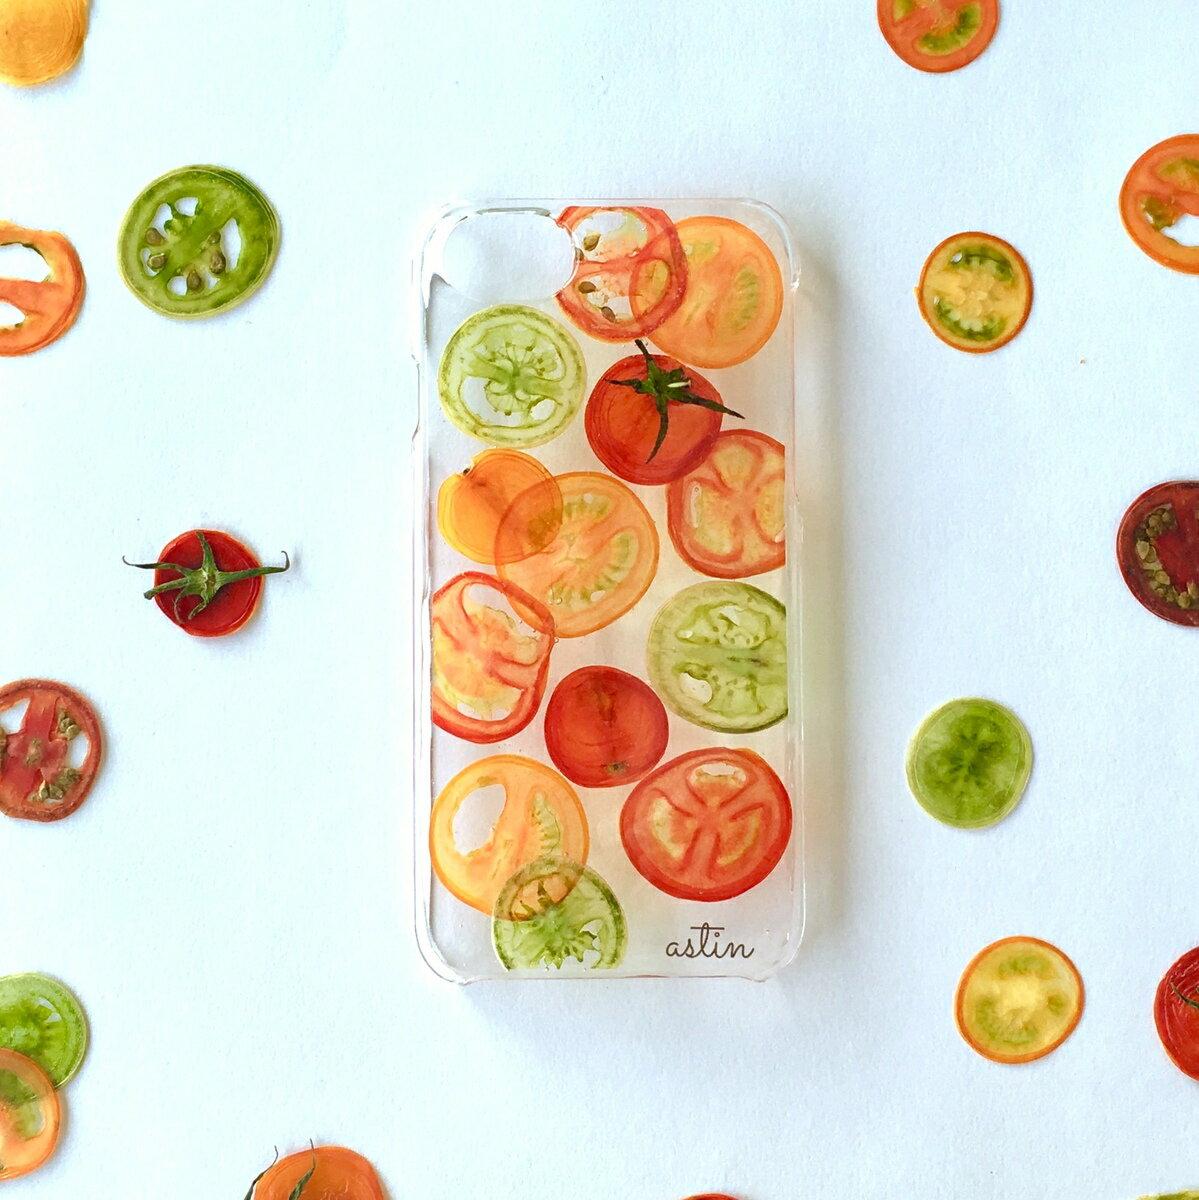 カラフルミニトマト 押し花 押し野菜 ミニトマト プチトマト 野菜 全機種対応 iPhone XS ケース iPhone XR iPhone XS max ケース iphone x ケース iphone8 iphone7ケース スマホ iphone8Plus